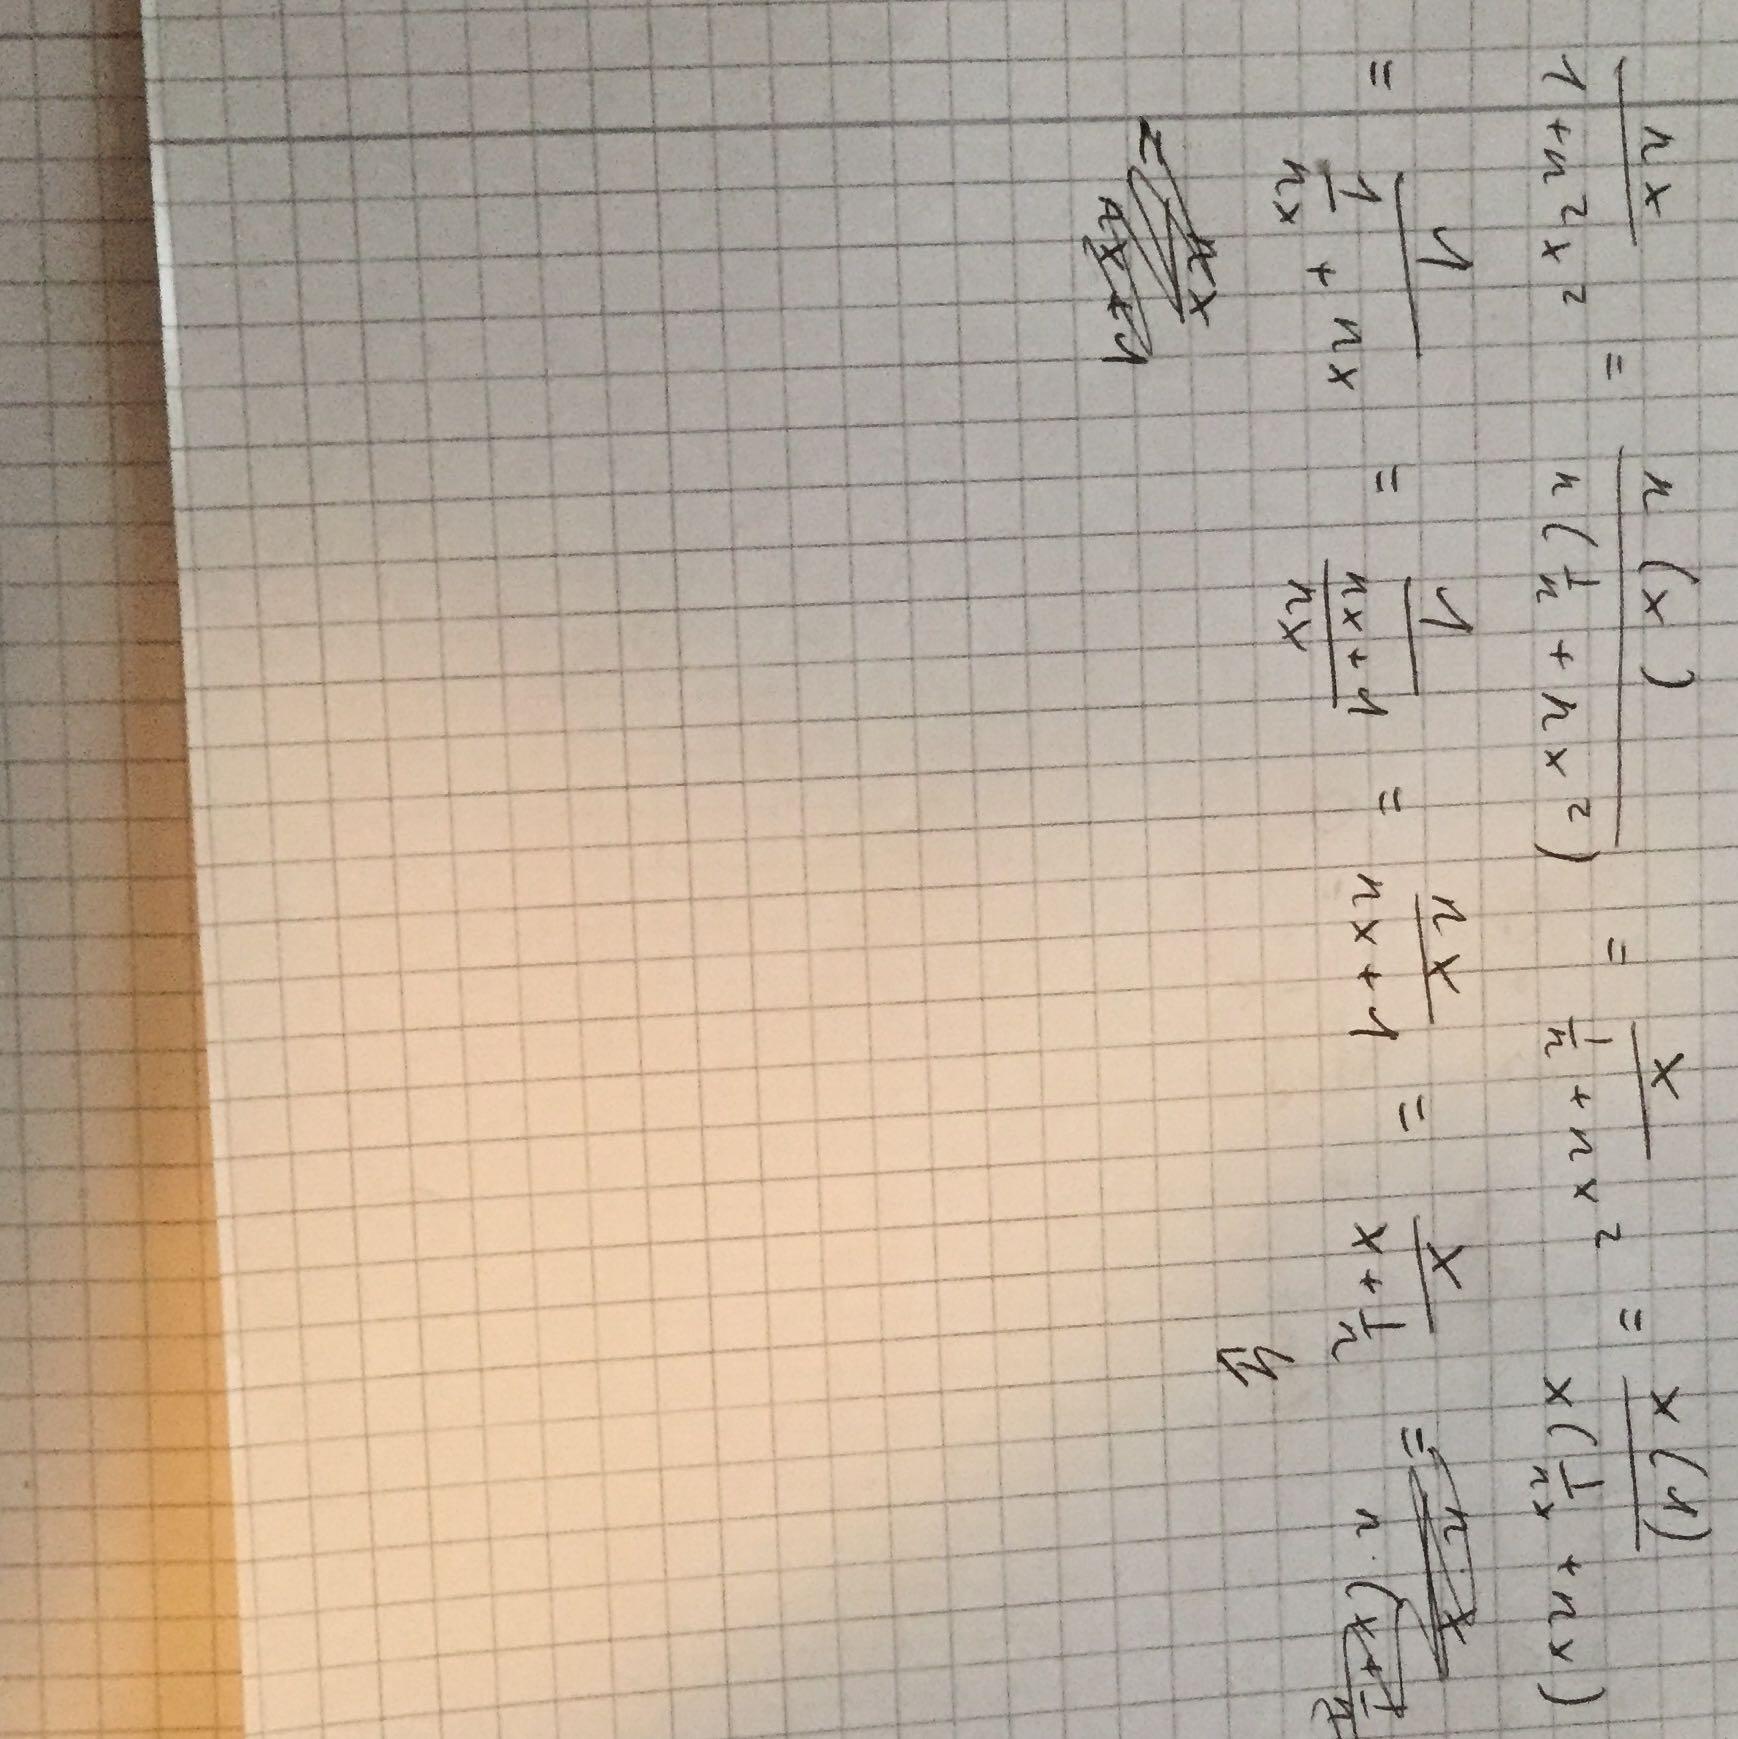 wo ist der fehler in meiner umformung? (mathematik, gleichungen)